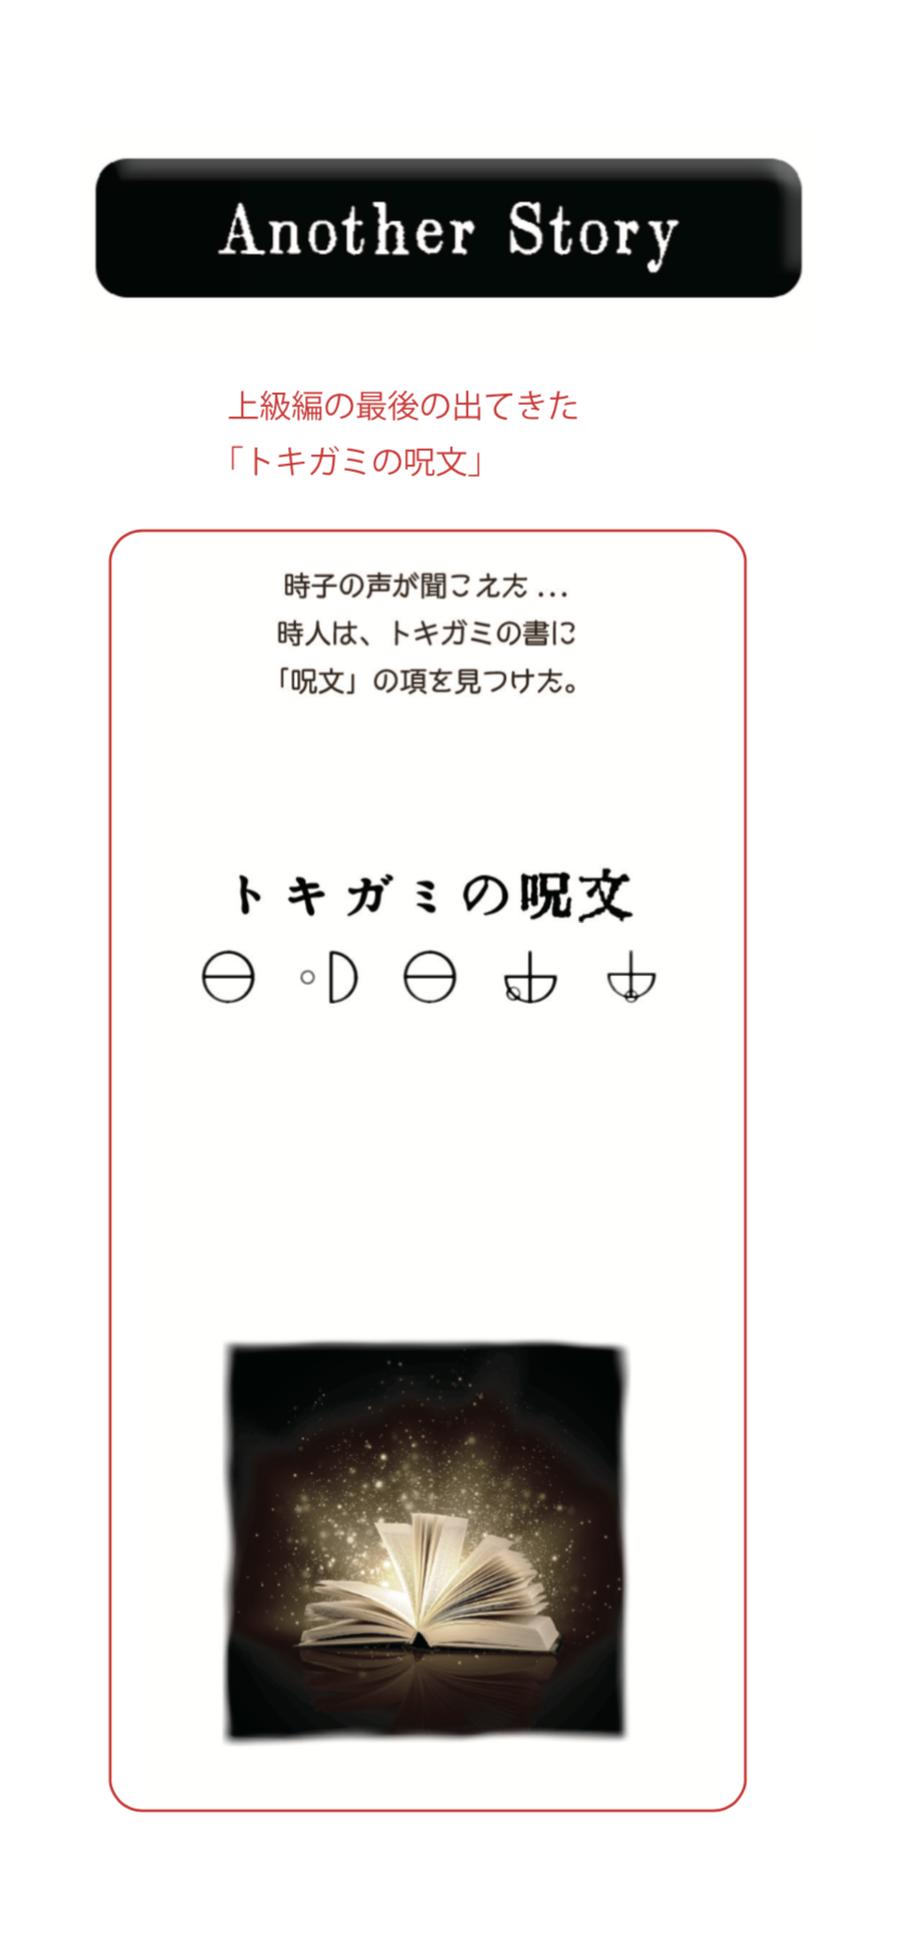 スクリーンショット 2018-09-08 22.55.10